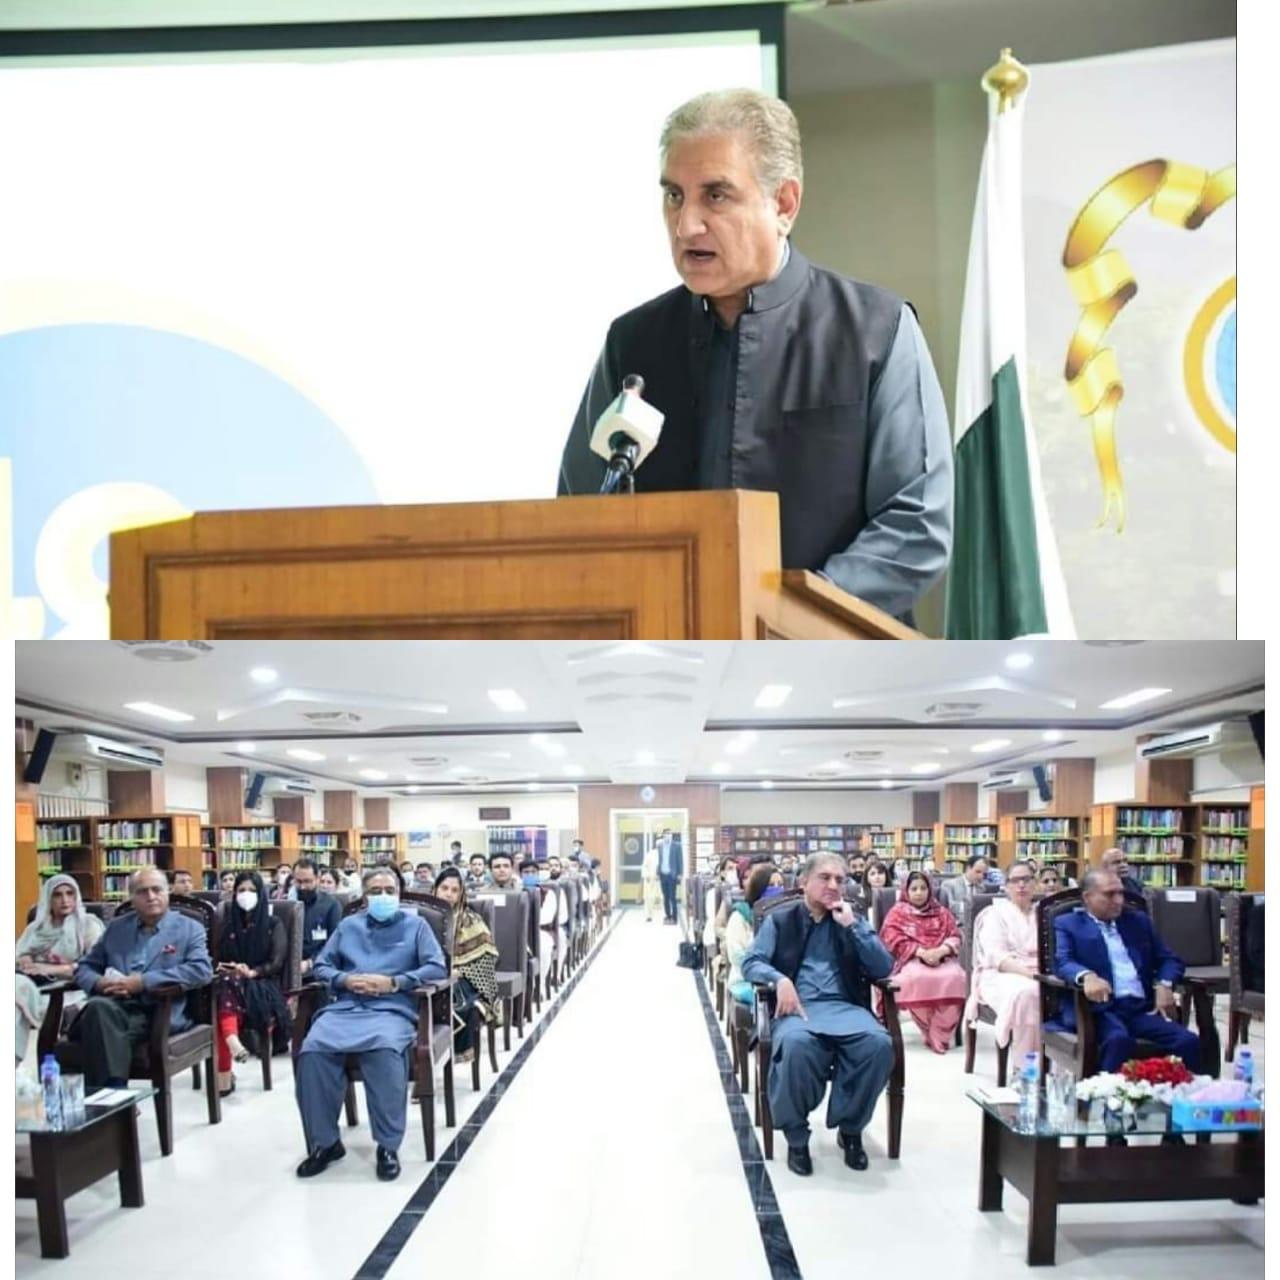 انسٹی ٹیوٹ آف اسٹریٹجک اسٹڈیز اسلام آباد میں 48 واں یوم تاسیس منایا گیا